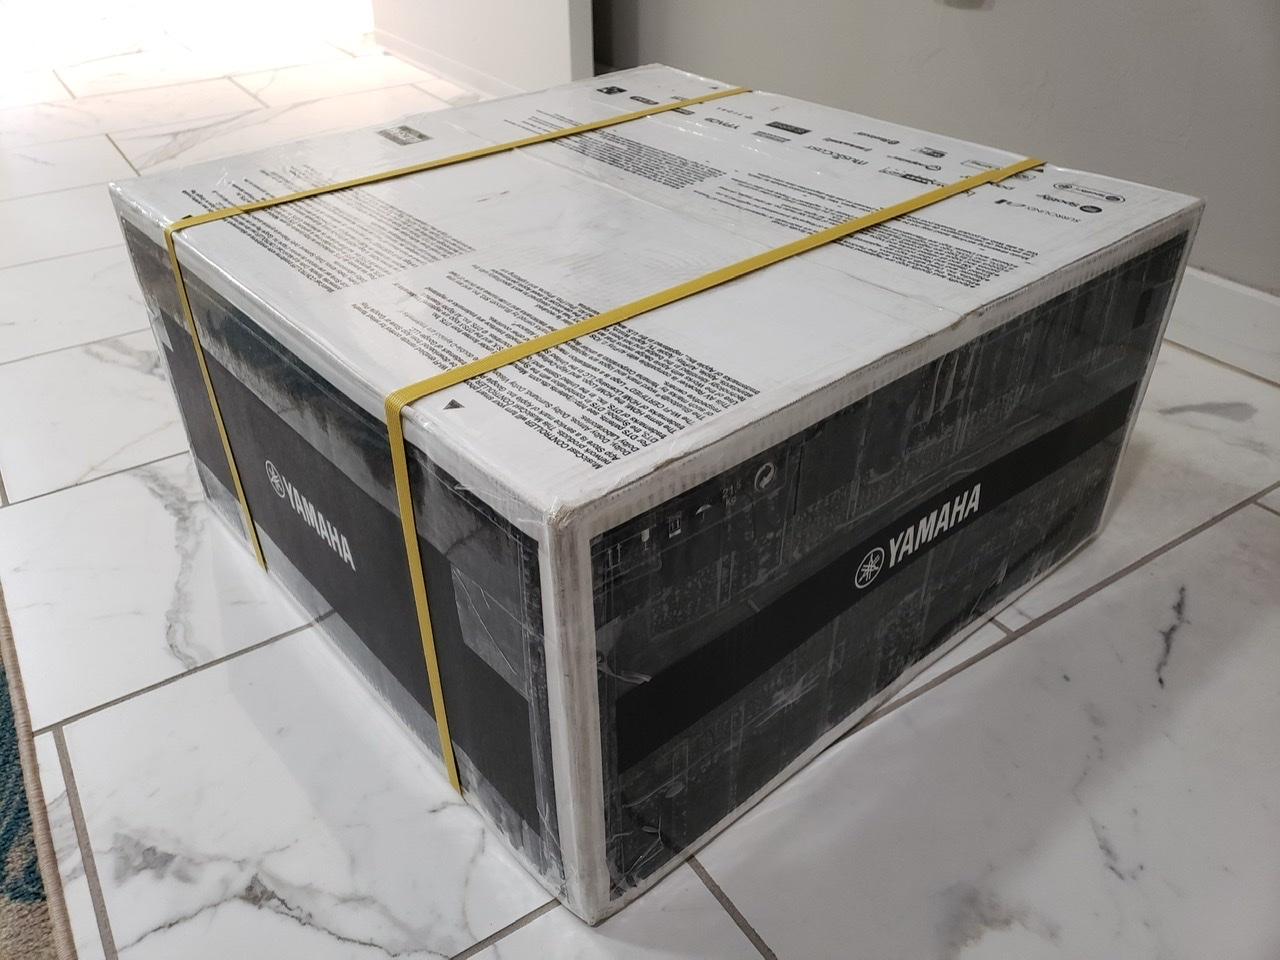 CE124B19-F976-4709-A55D-B355DD5B3606.jpeg